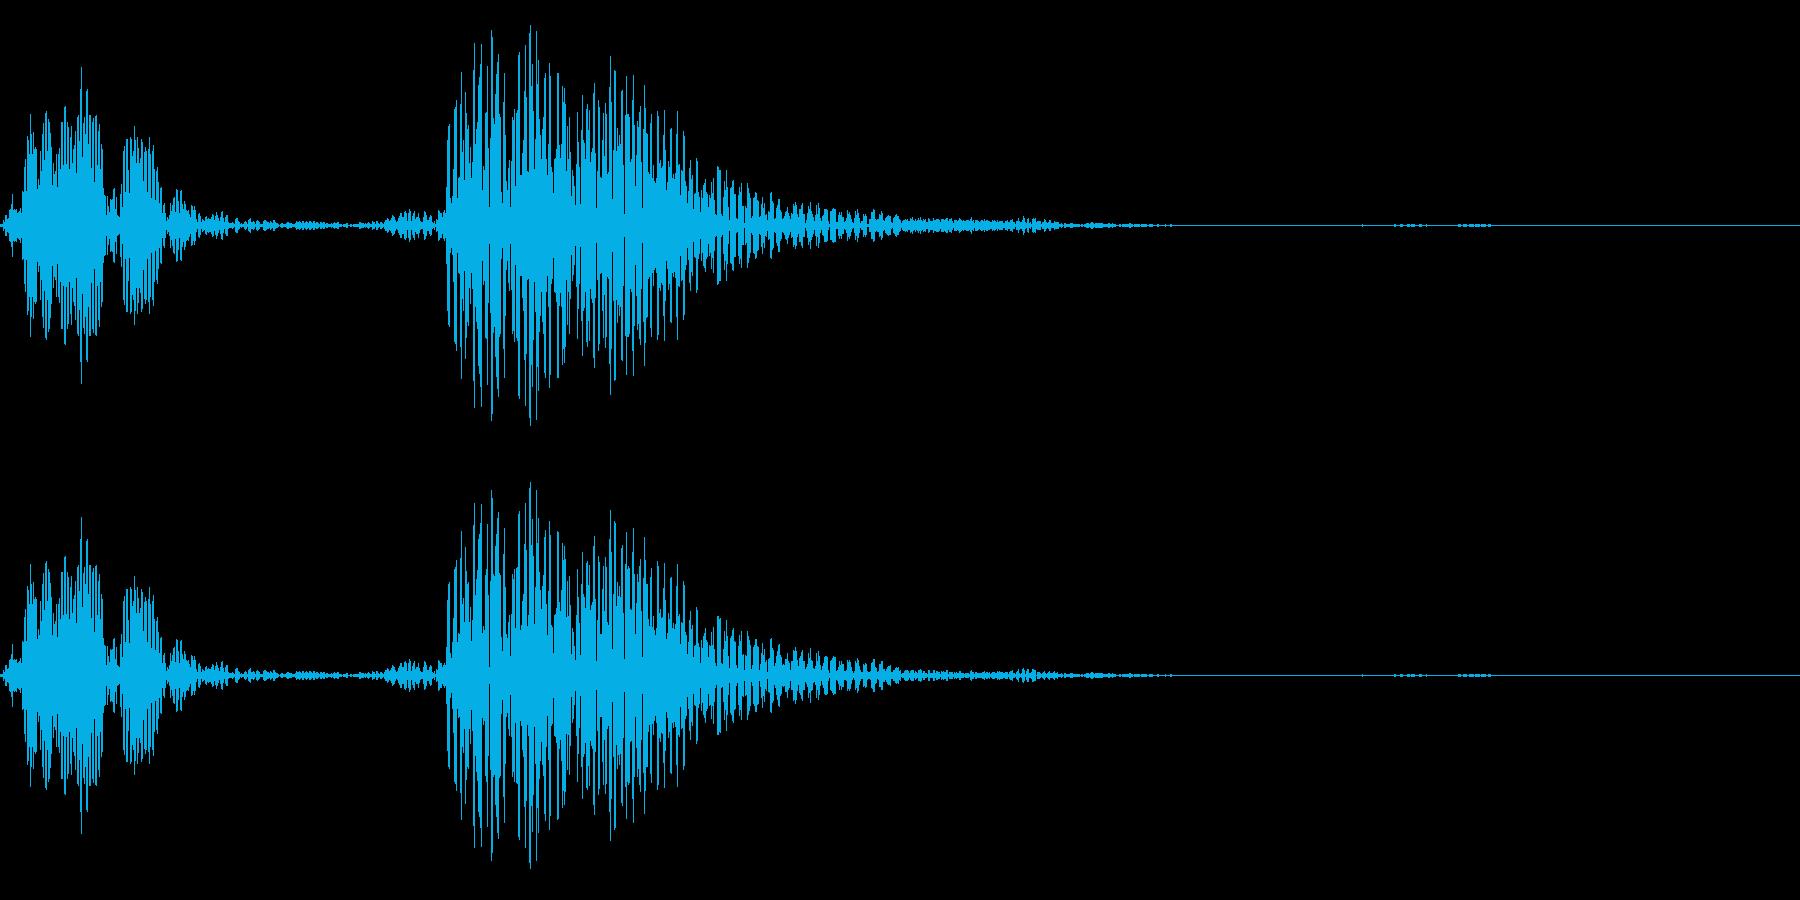 ピピッ(アプリ決定音やチャットの送信音)の再生済みの波形